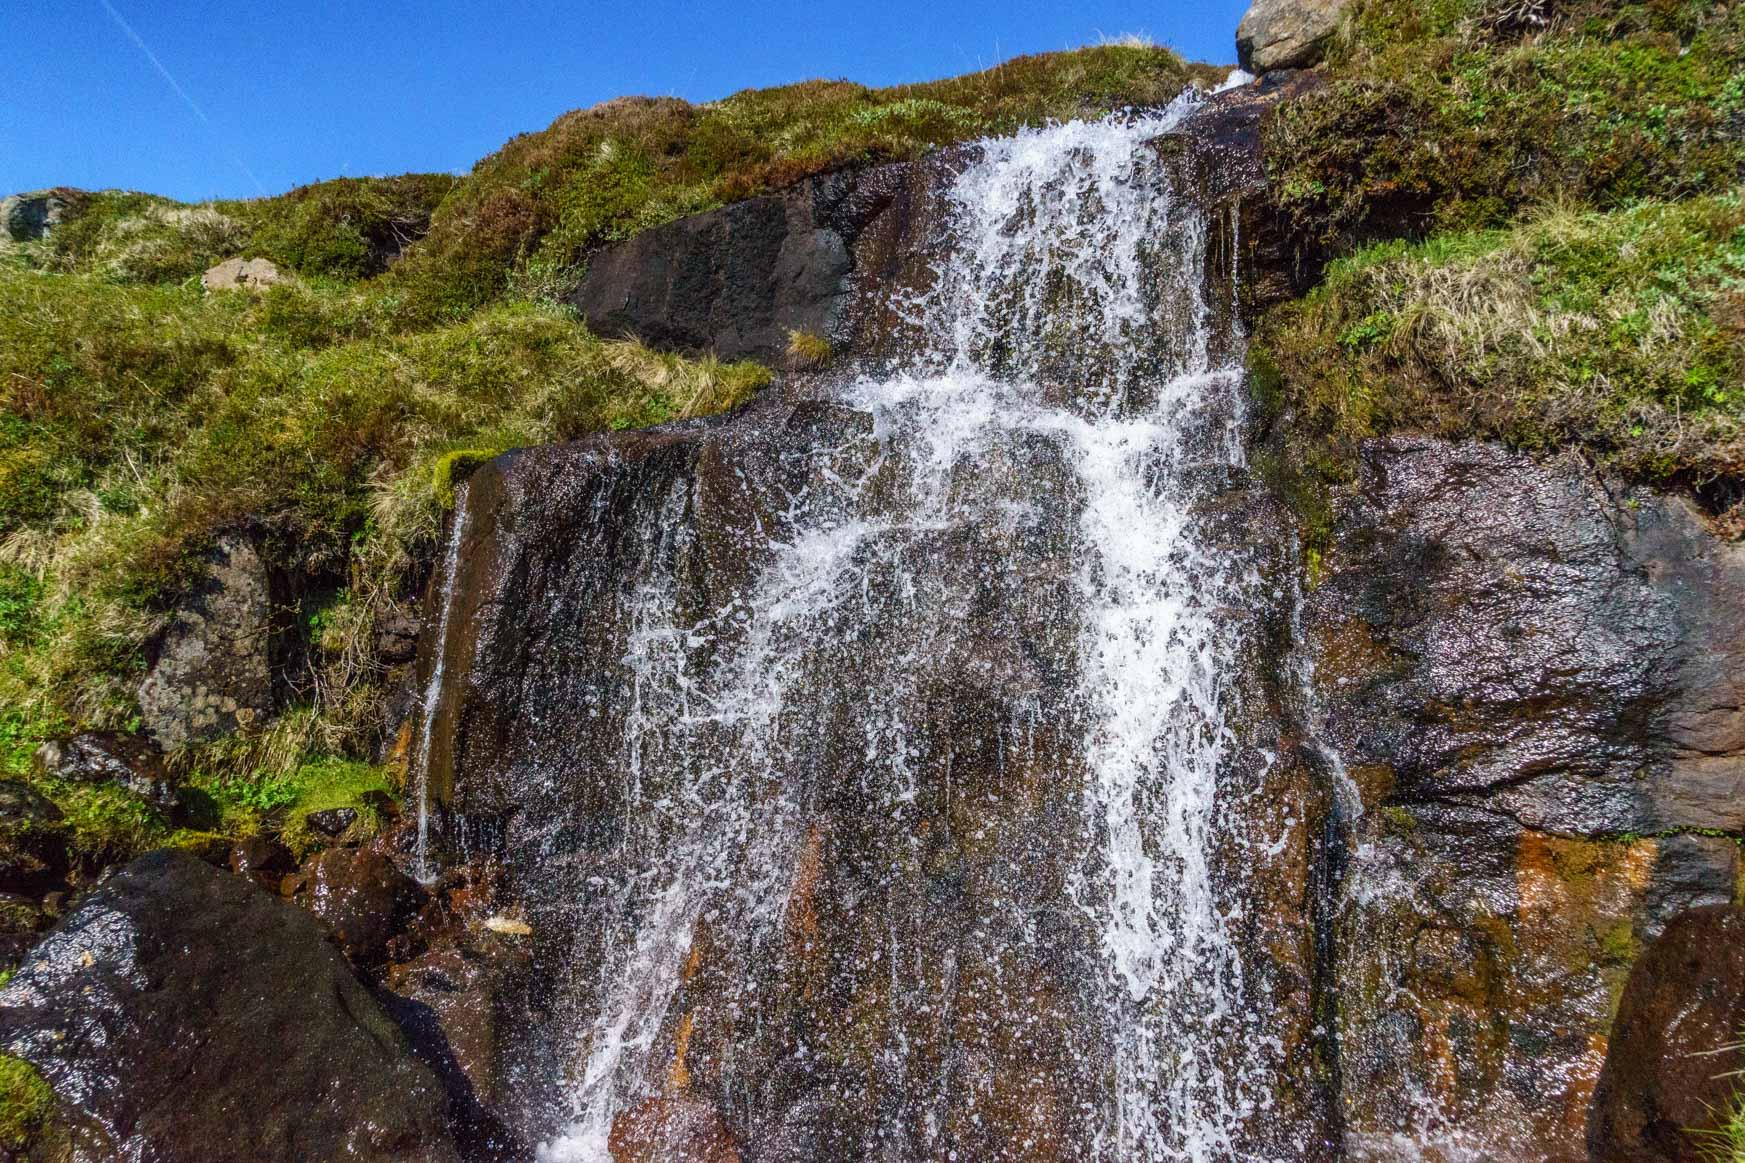 Der erste von bestimmt gaaaanz vielen Wasserfällen